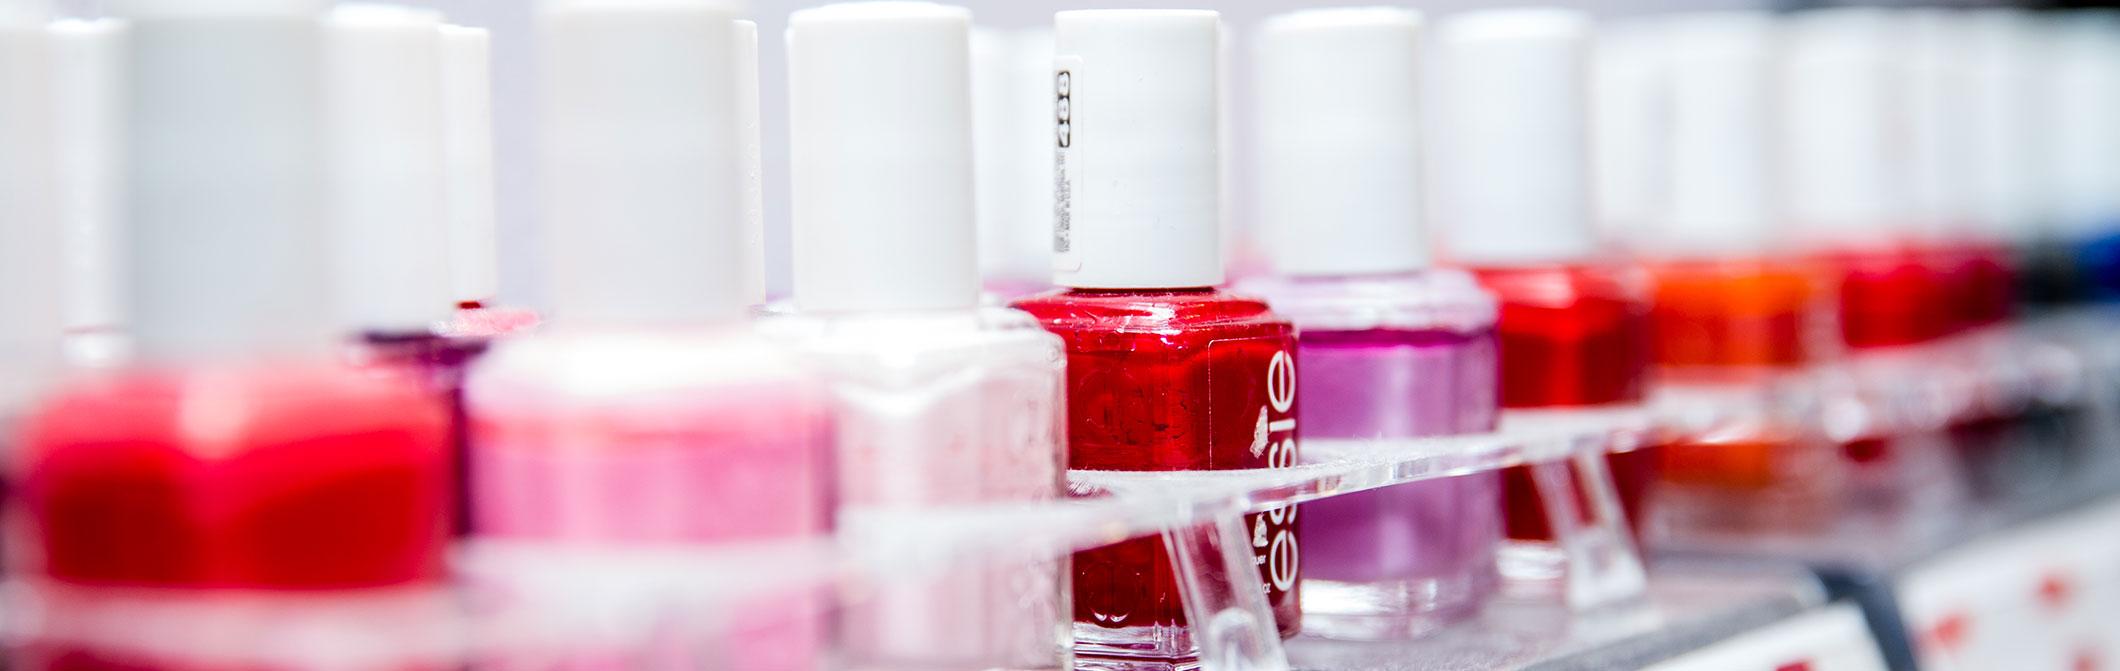 ss-nail-polish